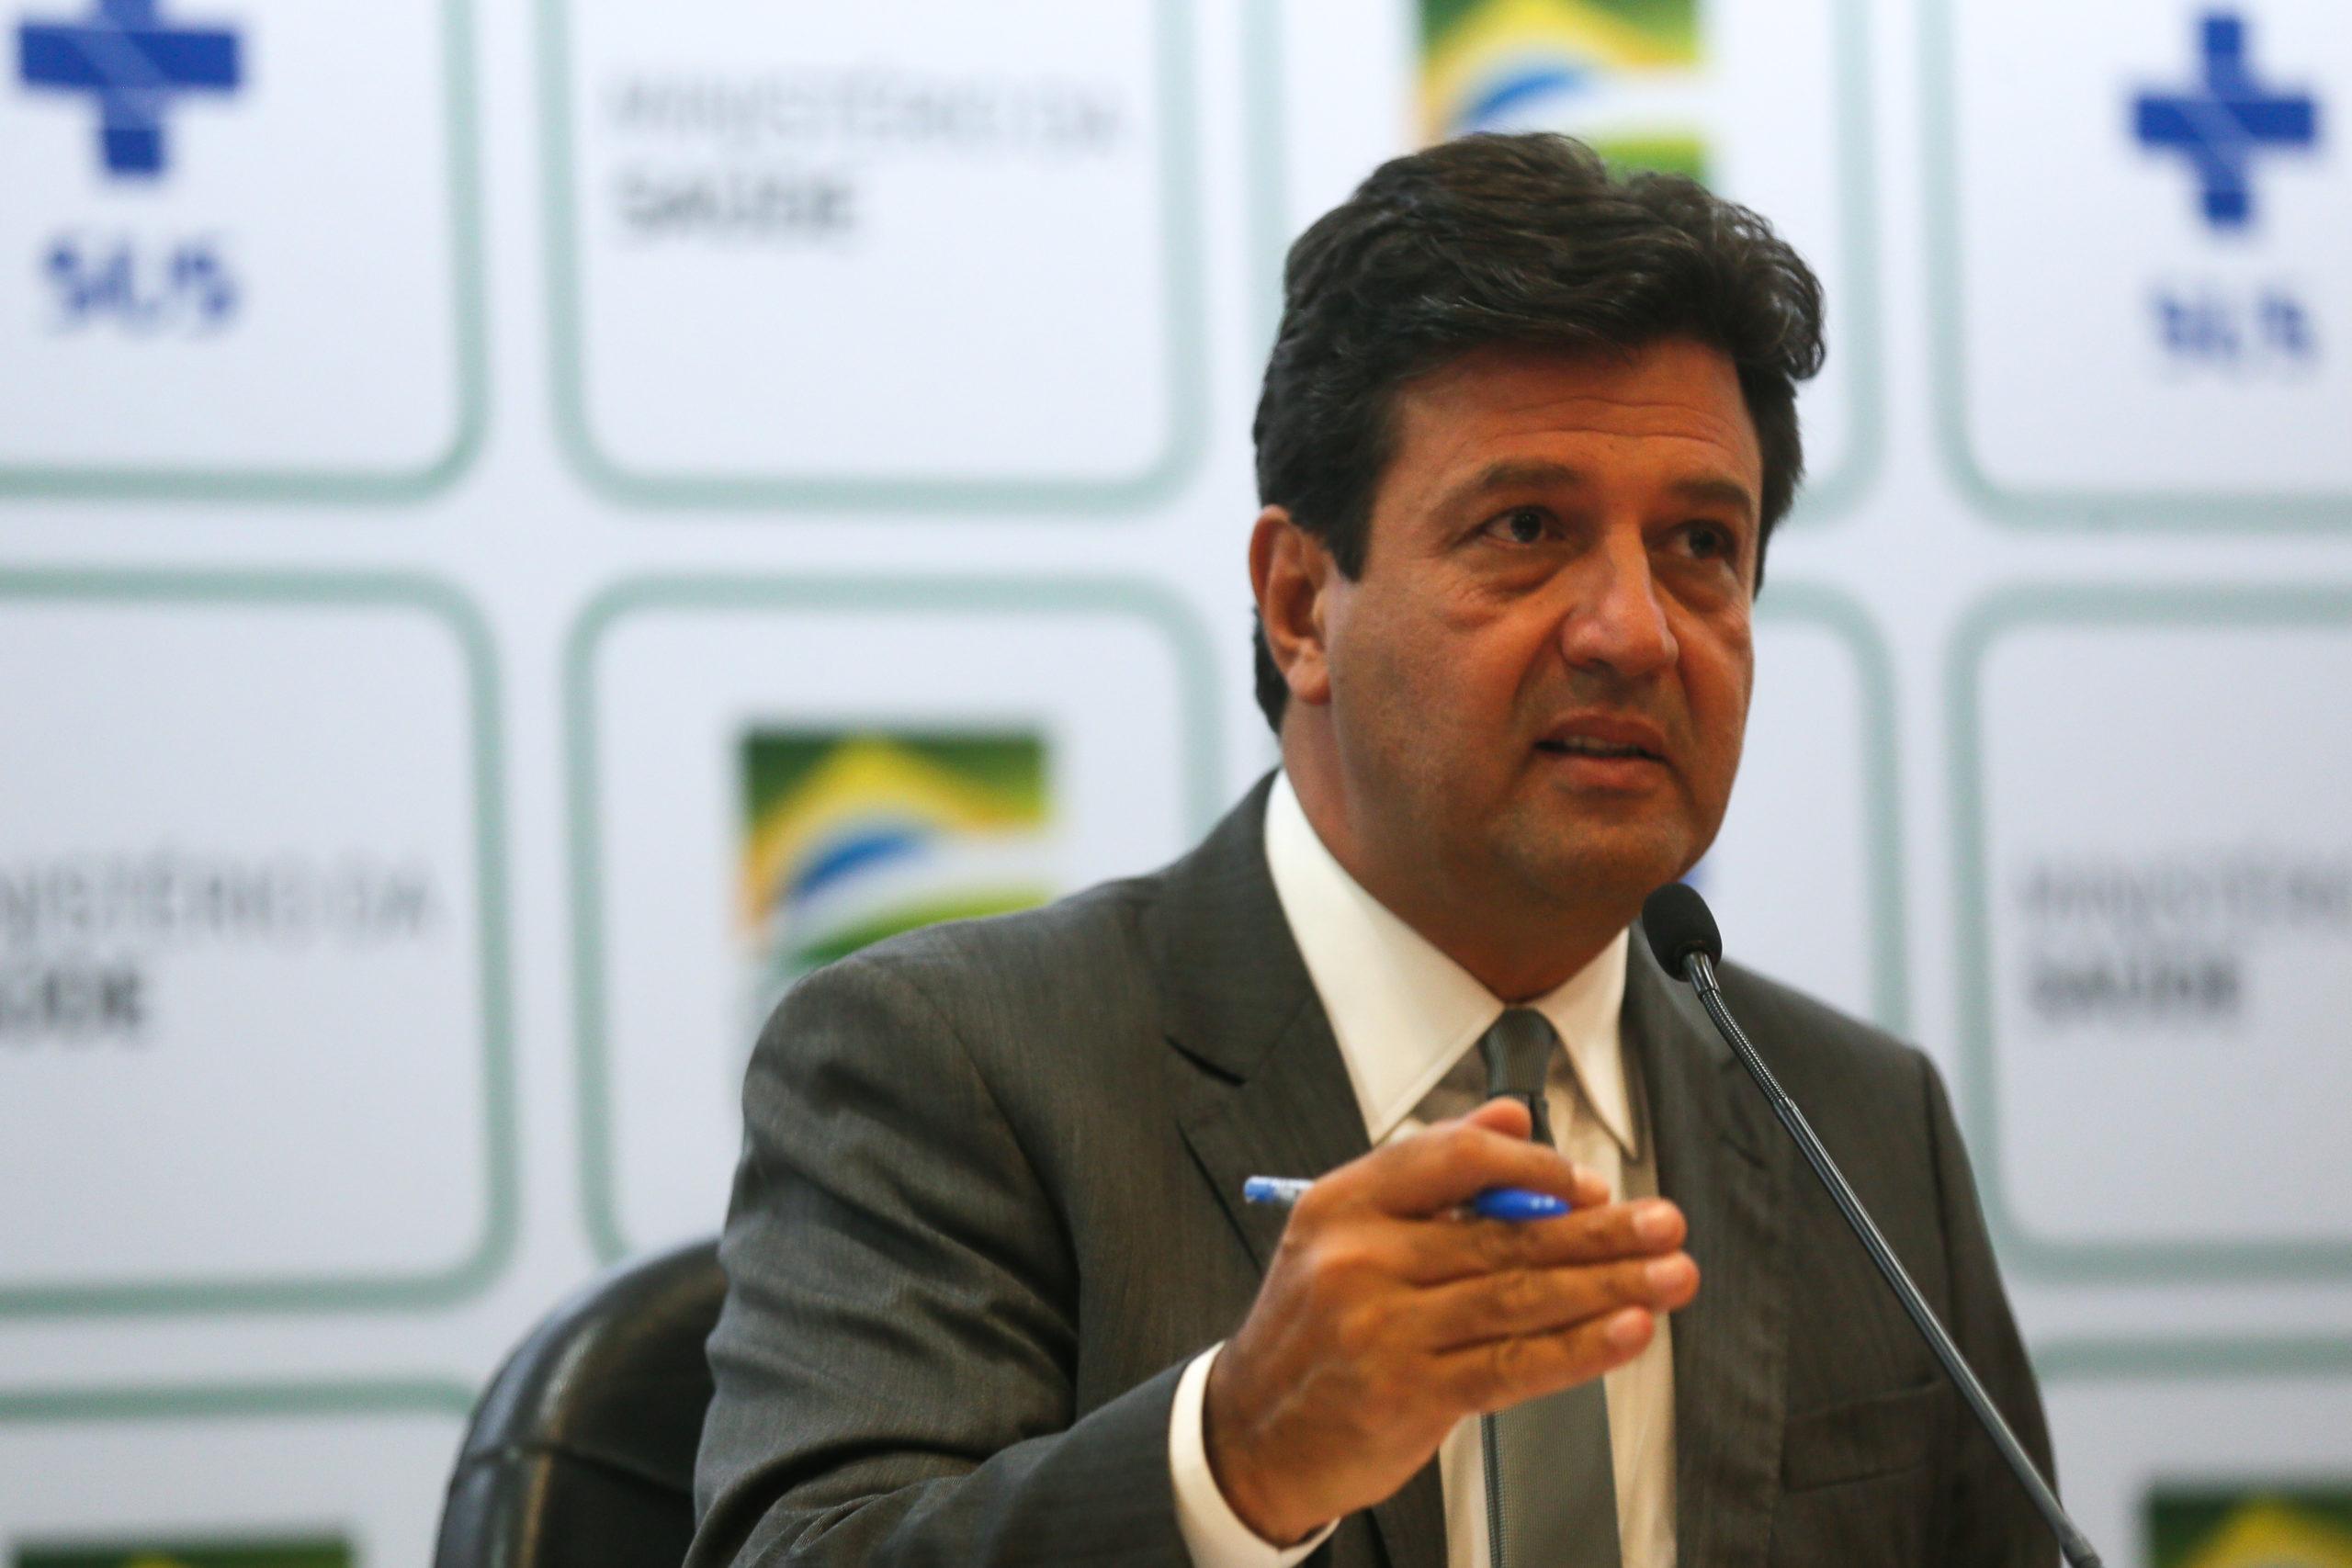 CORONAVÍRUS: Brasil tem 7 mortos e mais locais onde não é mais possível rastrear contágios